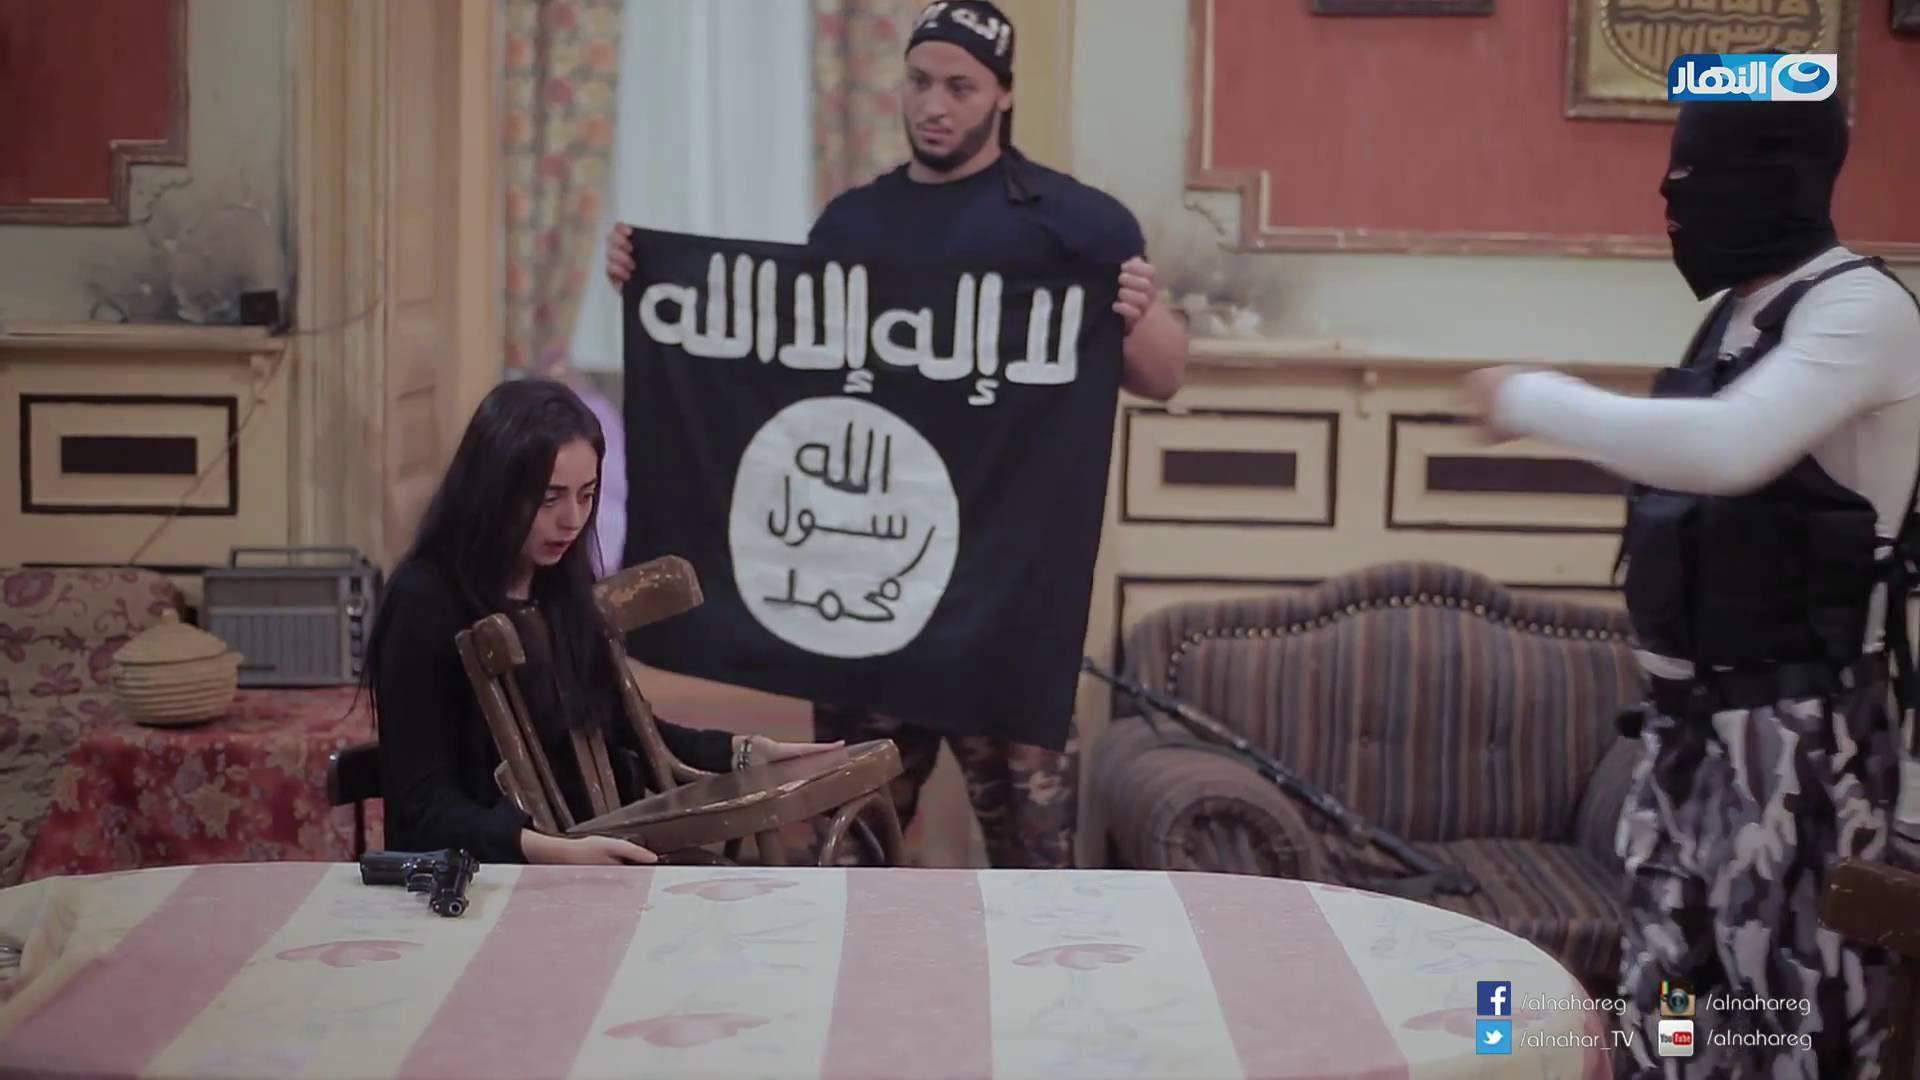 مينى داعش – الحلقة الاولى أخطر كاميرا خفية